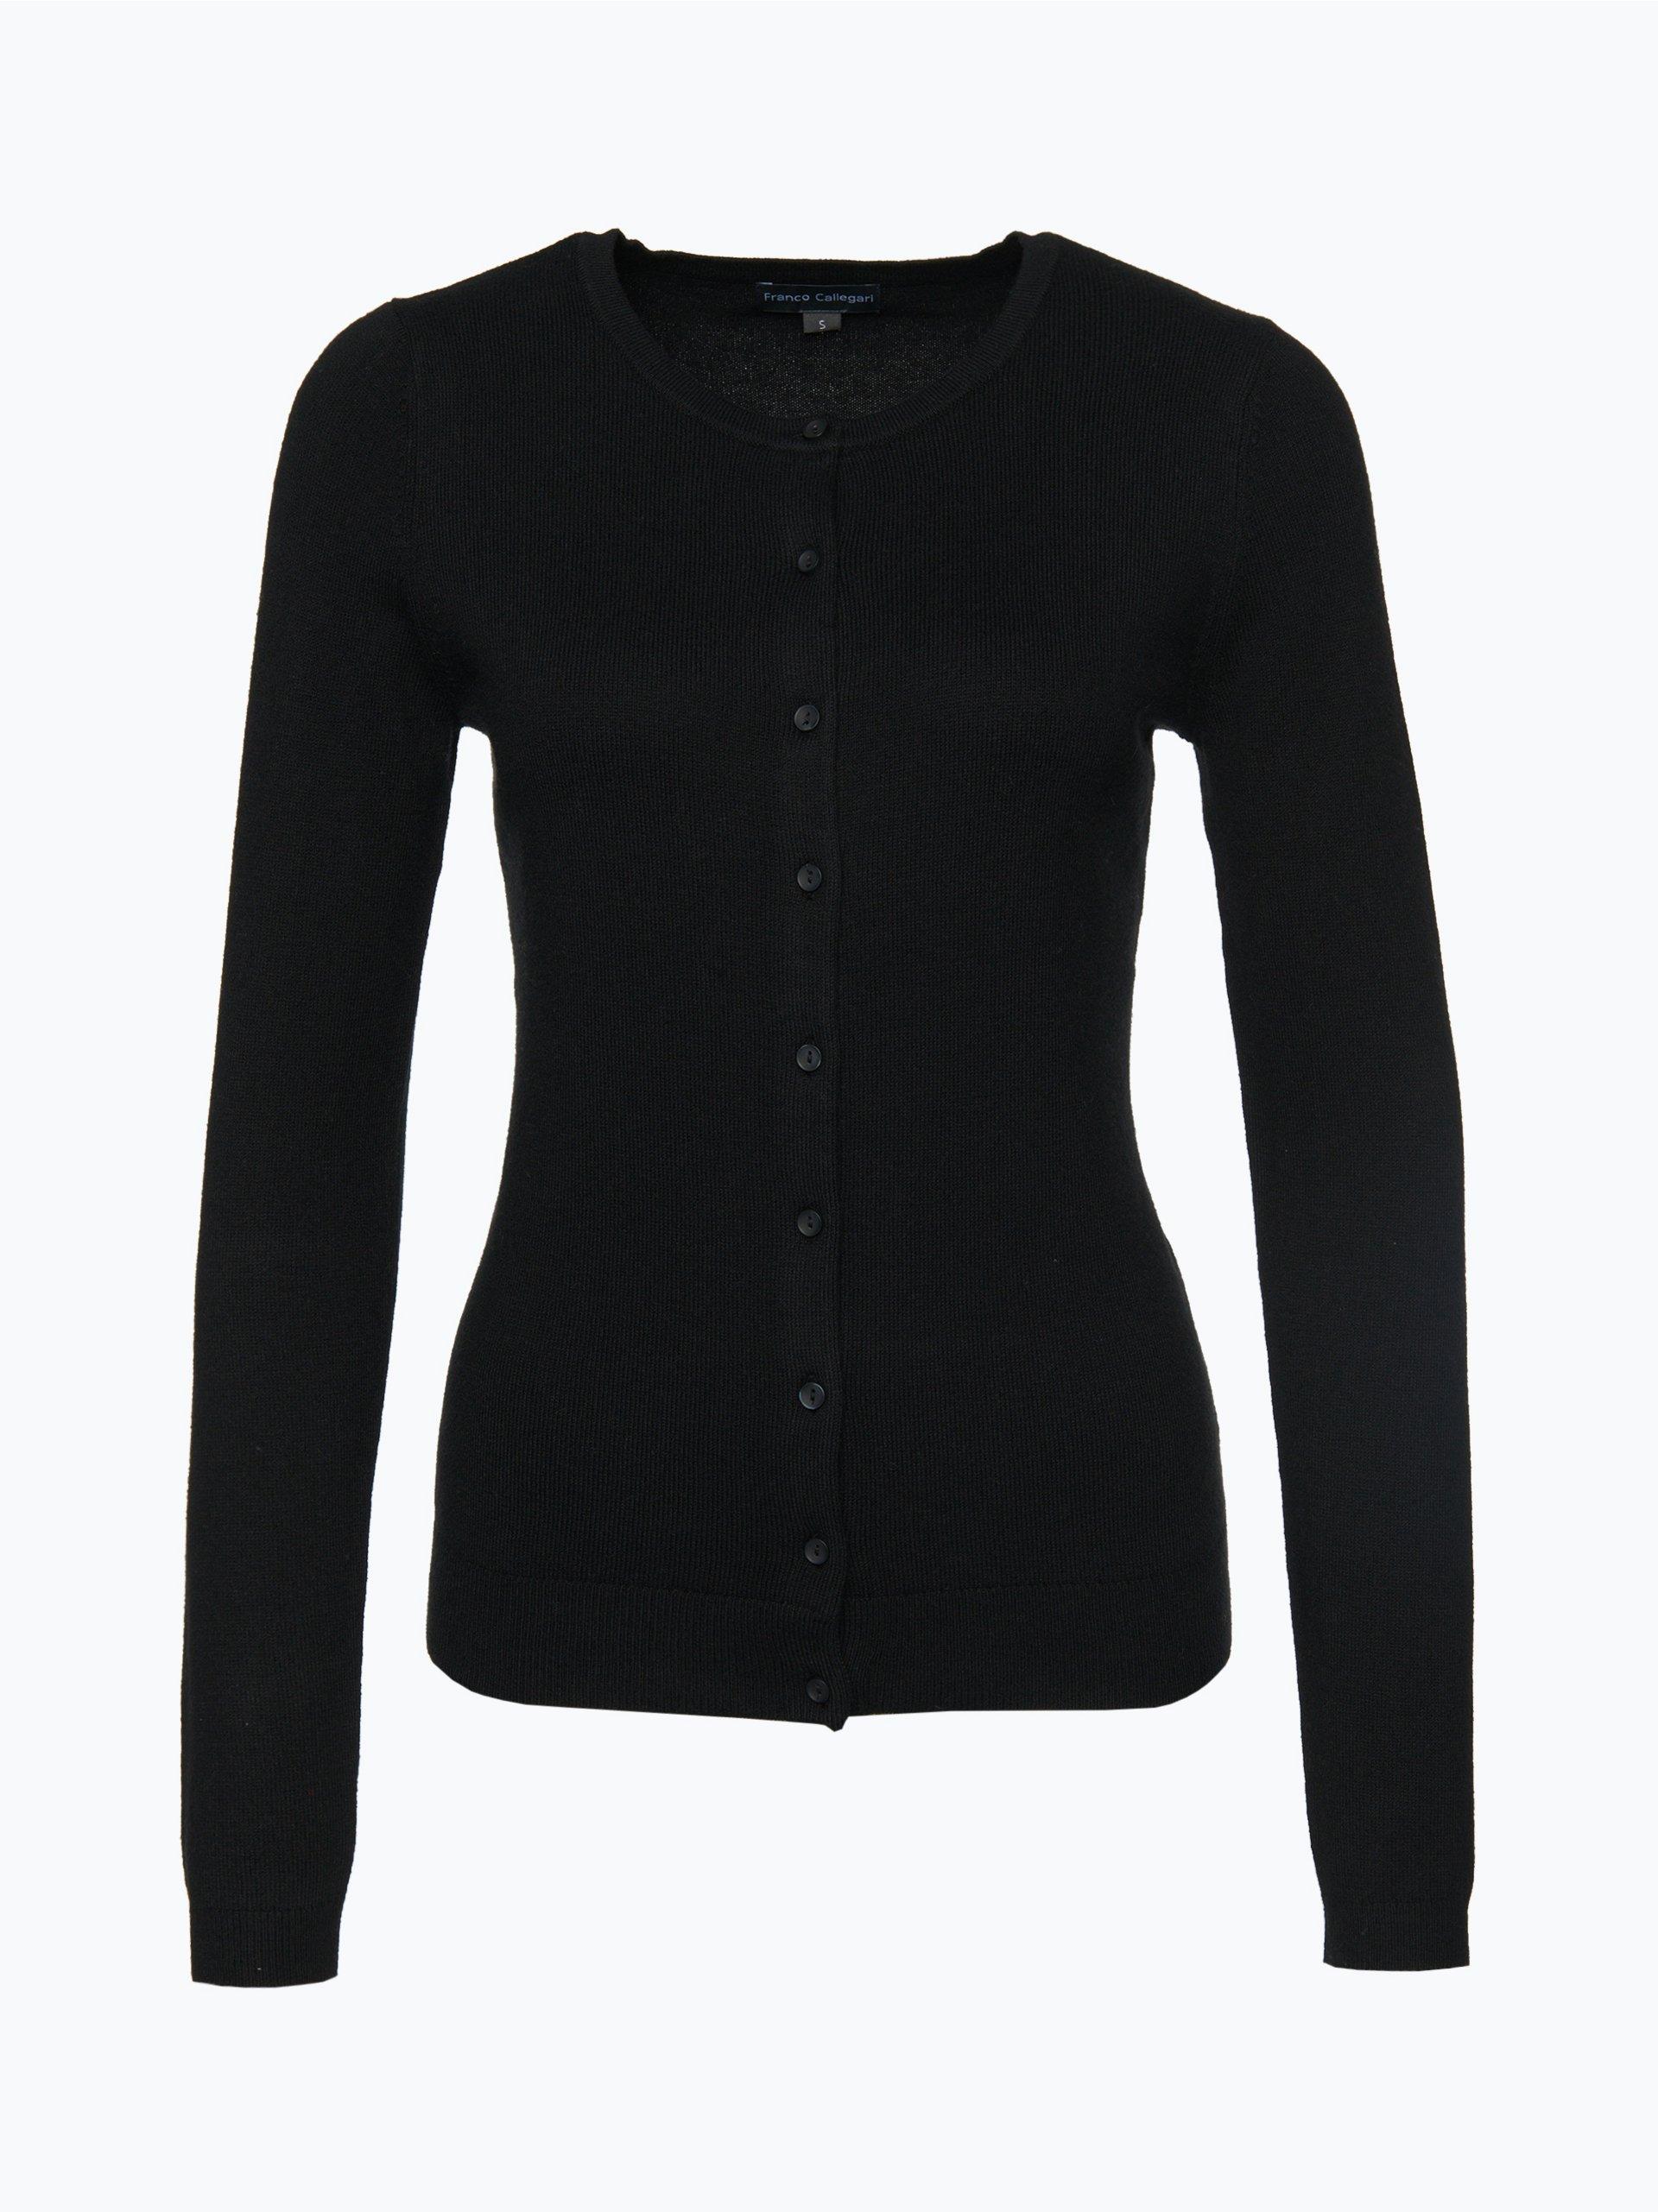 franco callegari damen strickjacke mit cashmere anteil schwarz uni online kaufen peek und. Black Bedroom Furniture Sets. Home Design Ideas